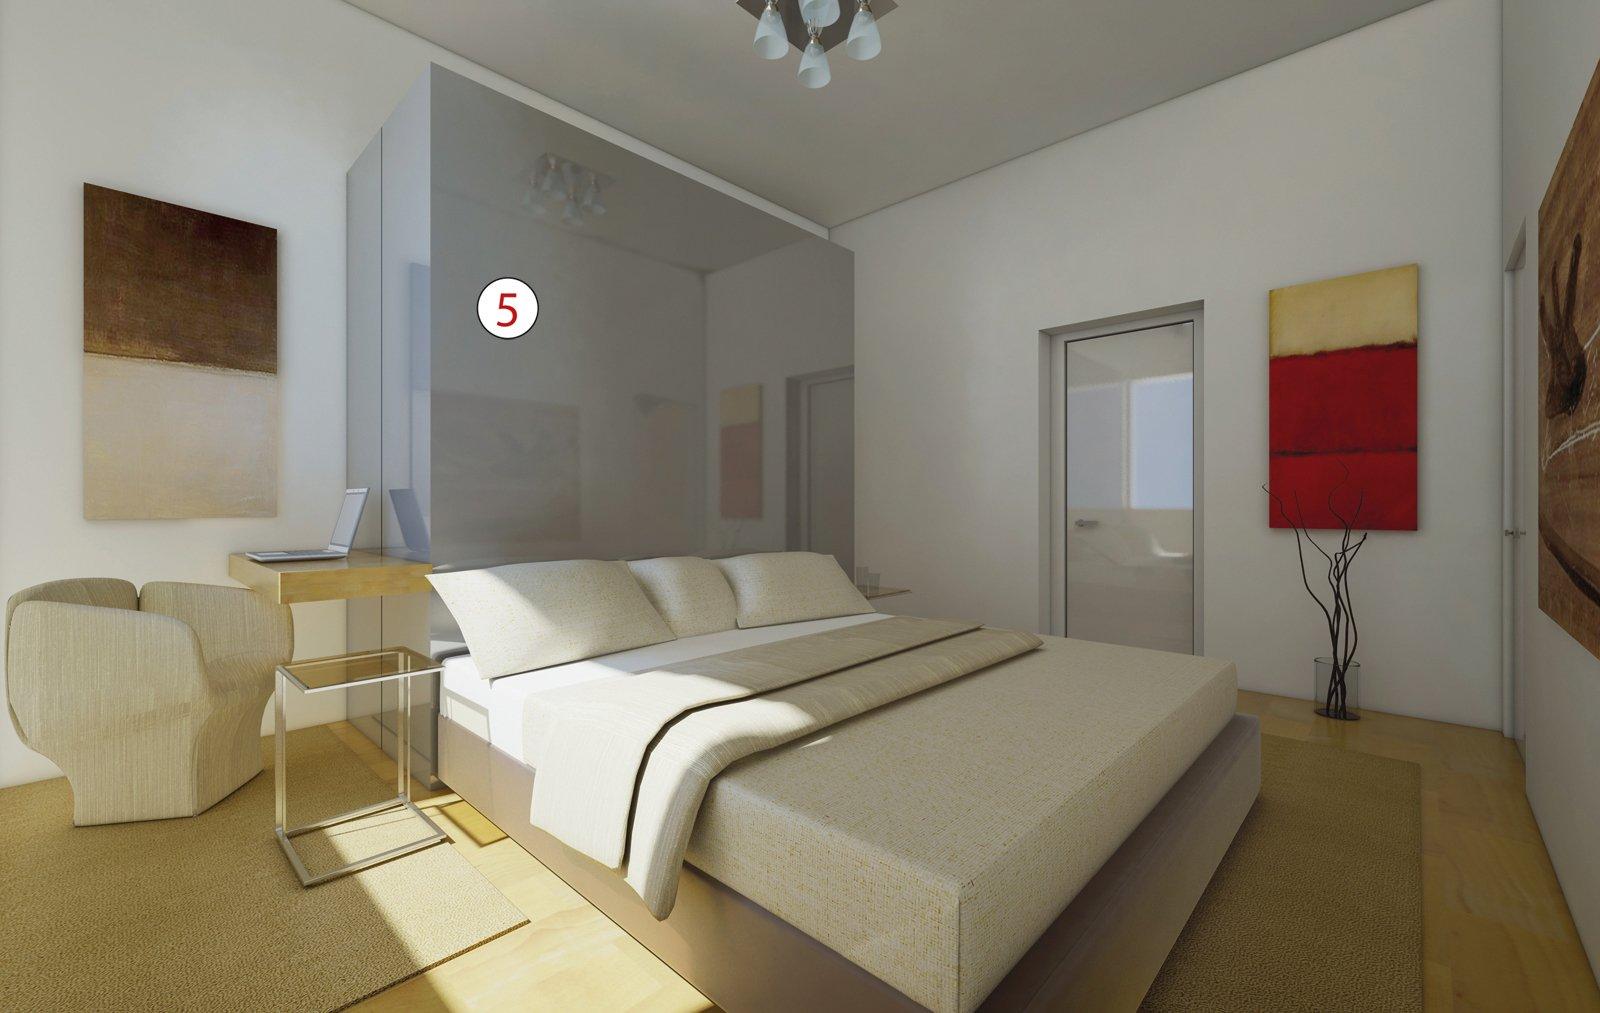 Tante idee per migliorare casa focus sulla zona notte - Camera da letto in muratura ...